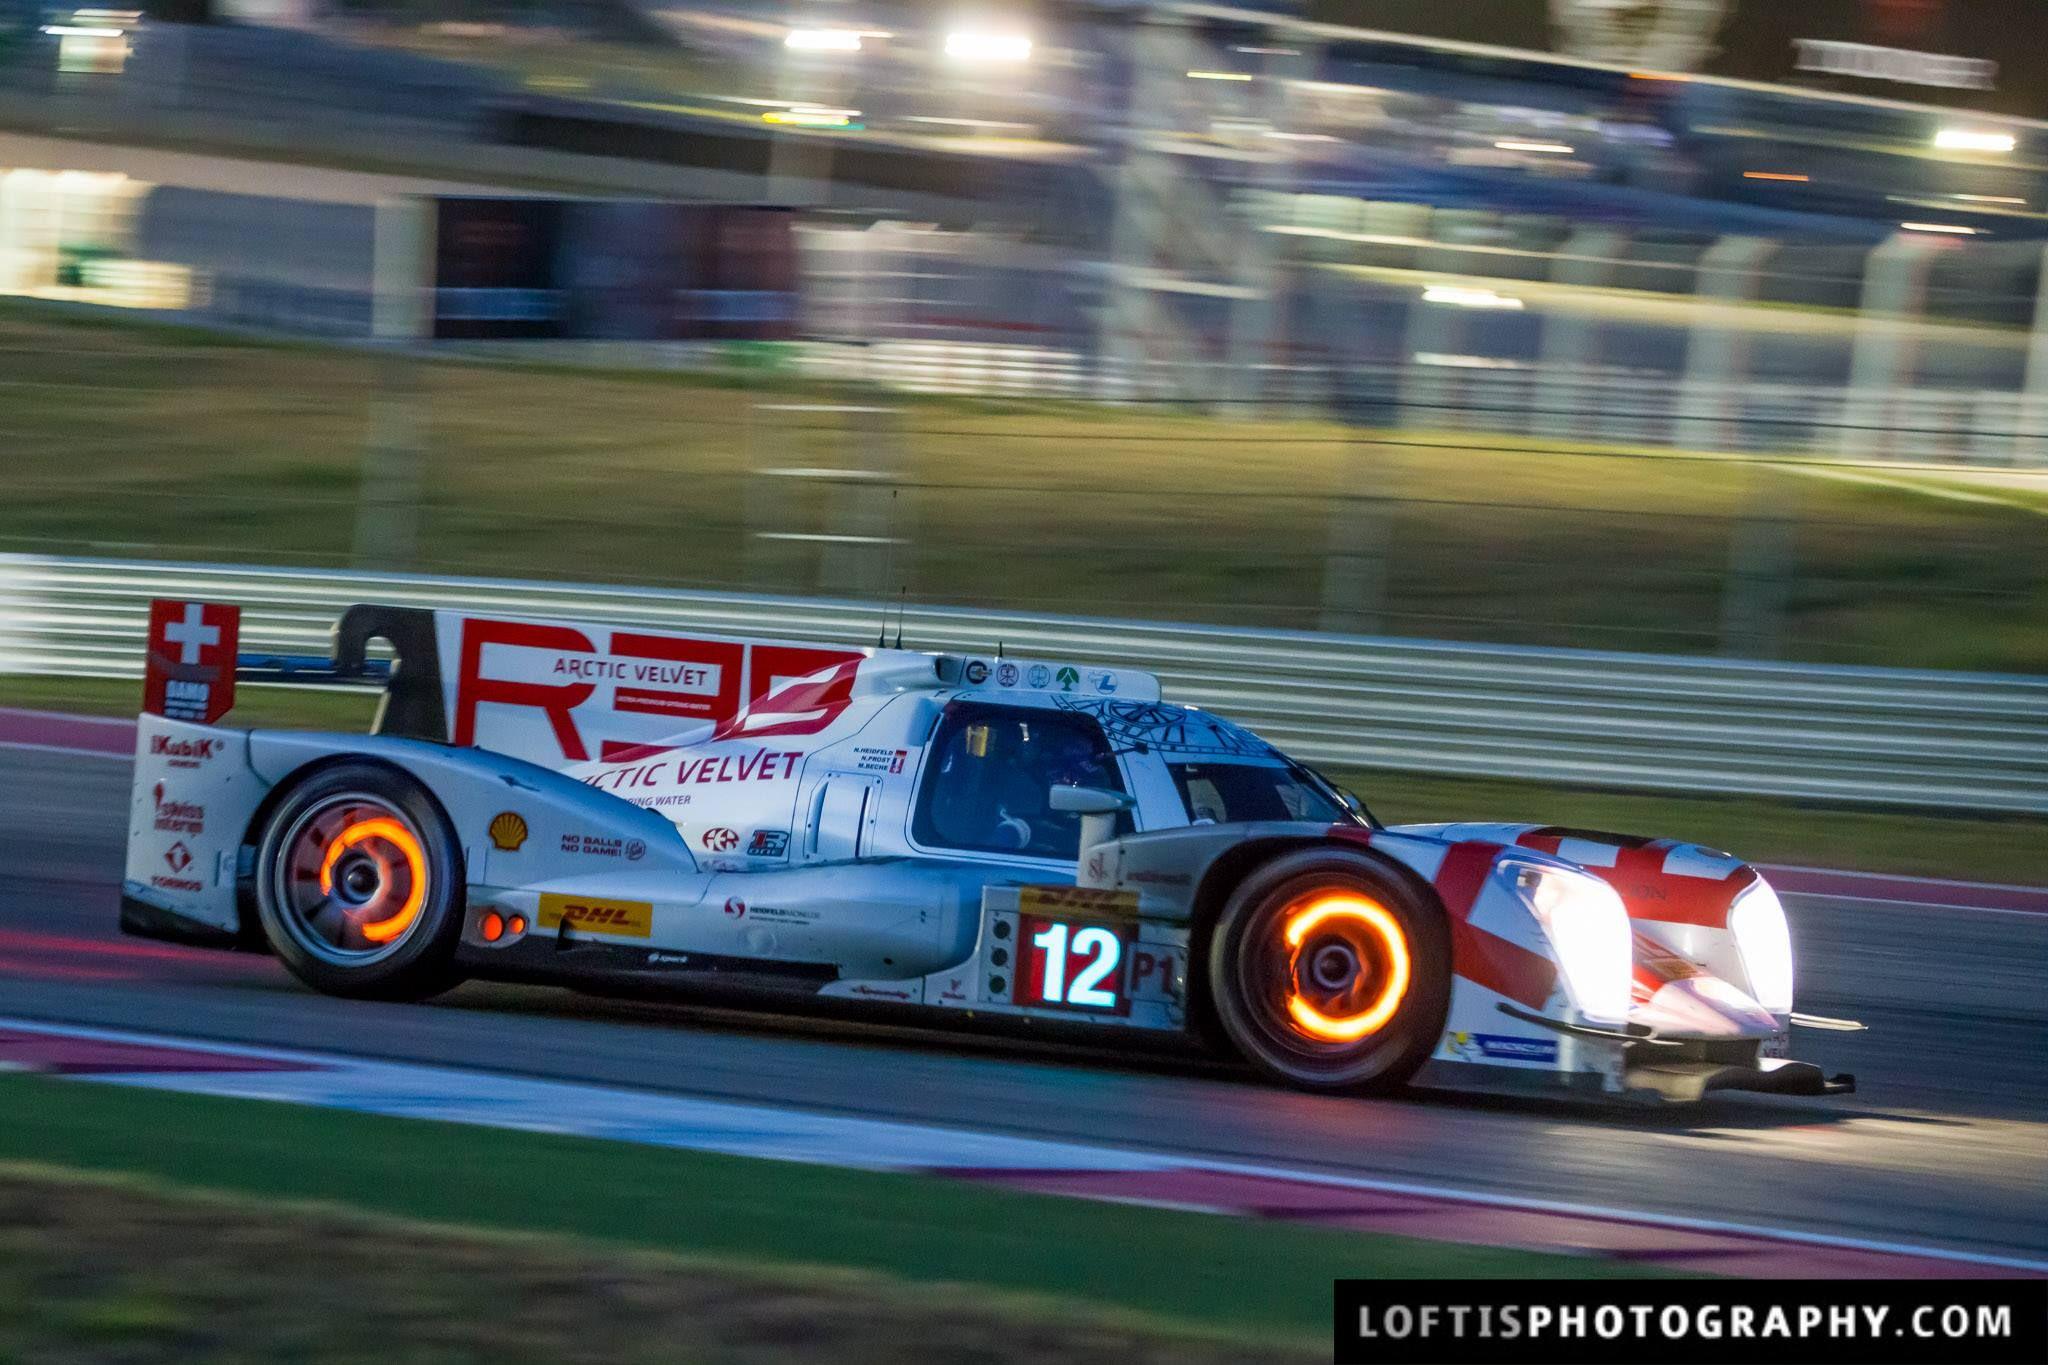 Brake Glow The 12 Rebellion Racing R One Aer Entering Turn 1